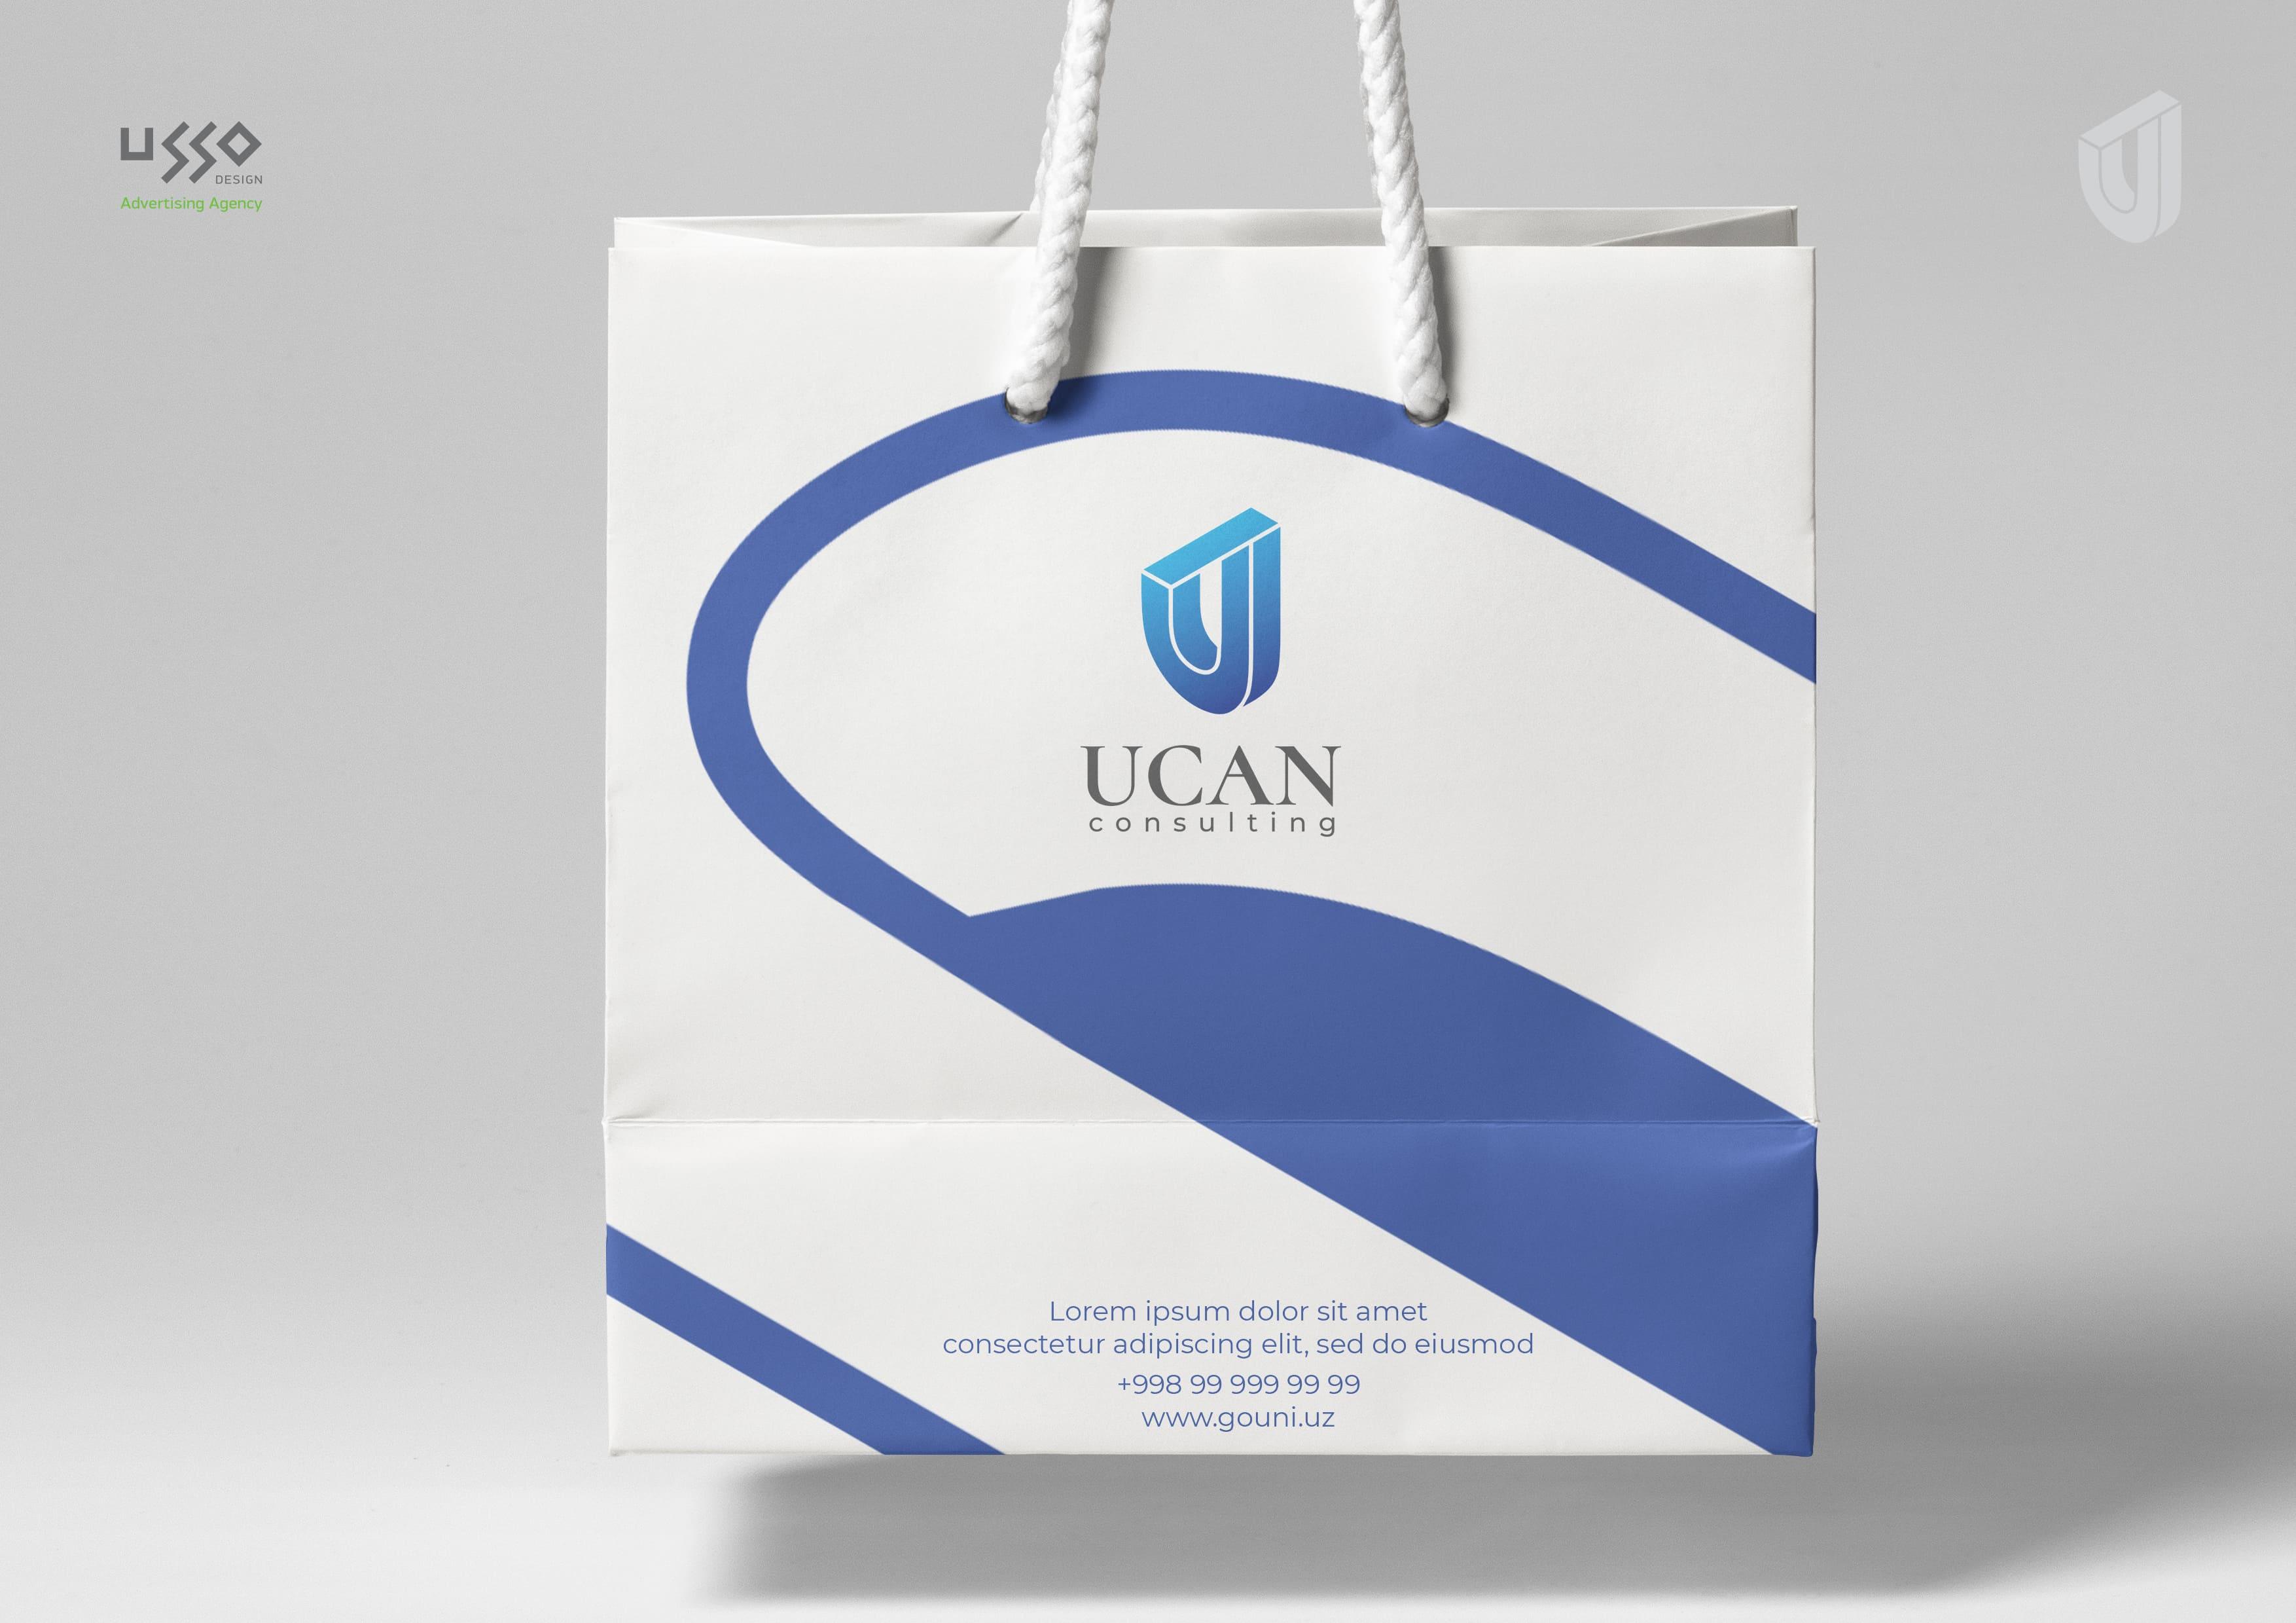 Логотип и фирменный стиль UCAN Consulting